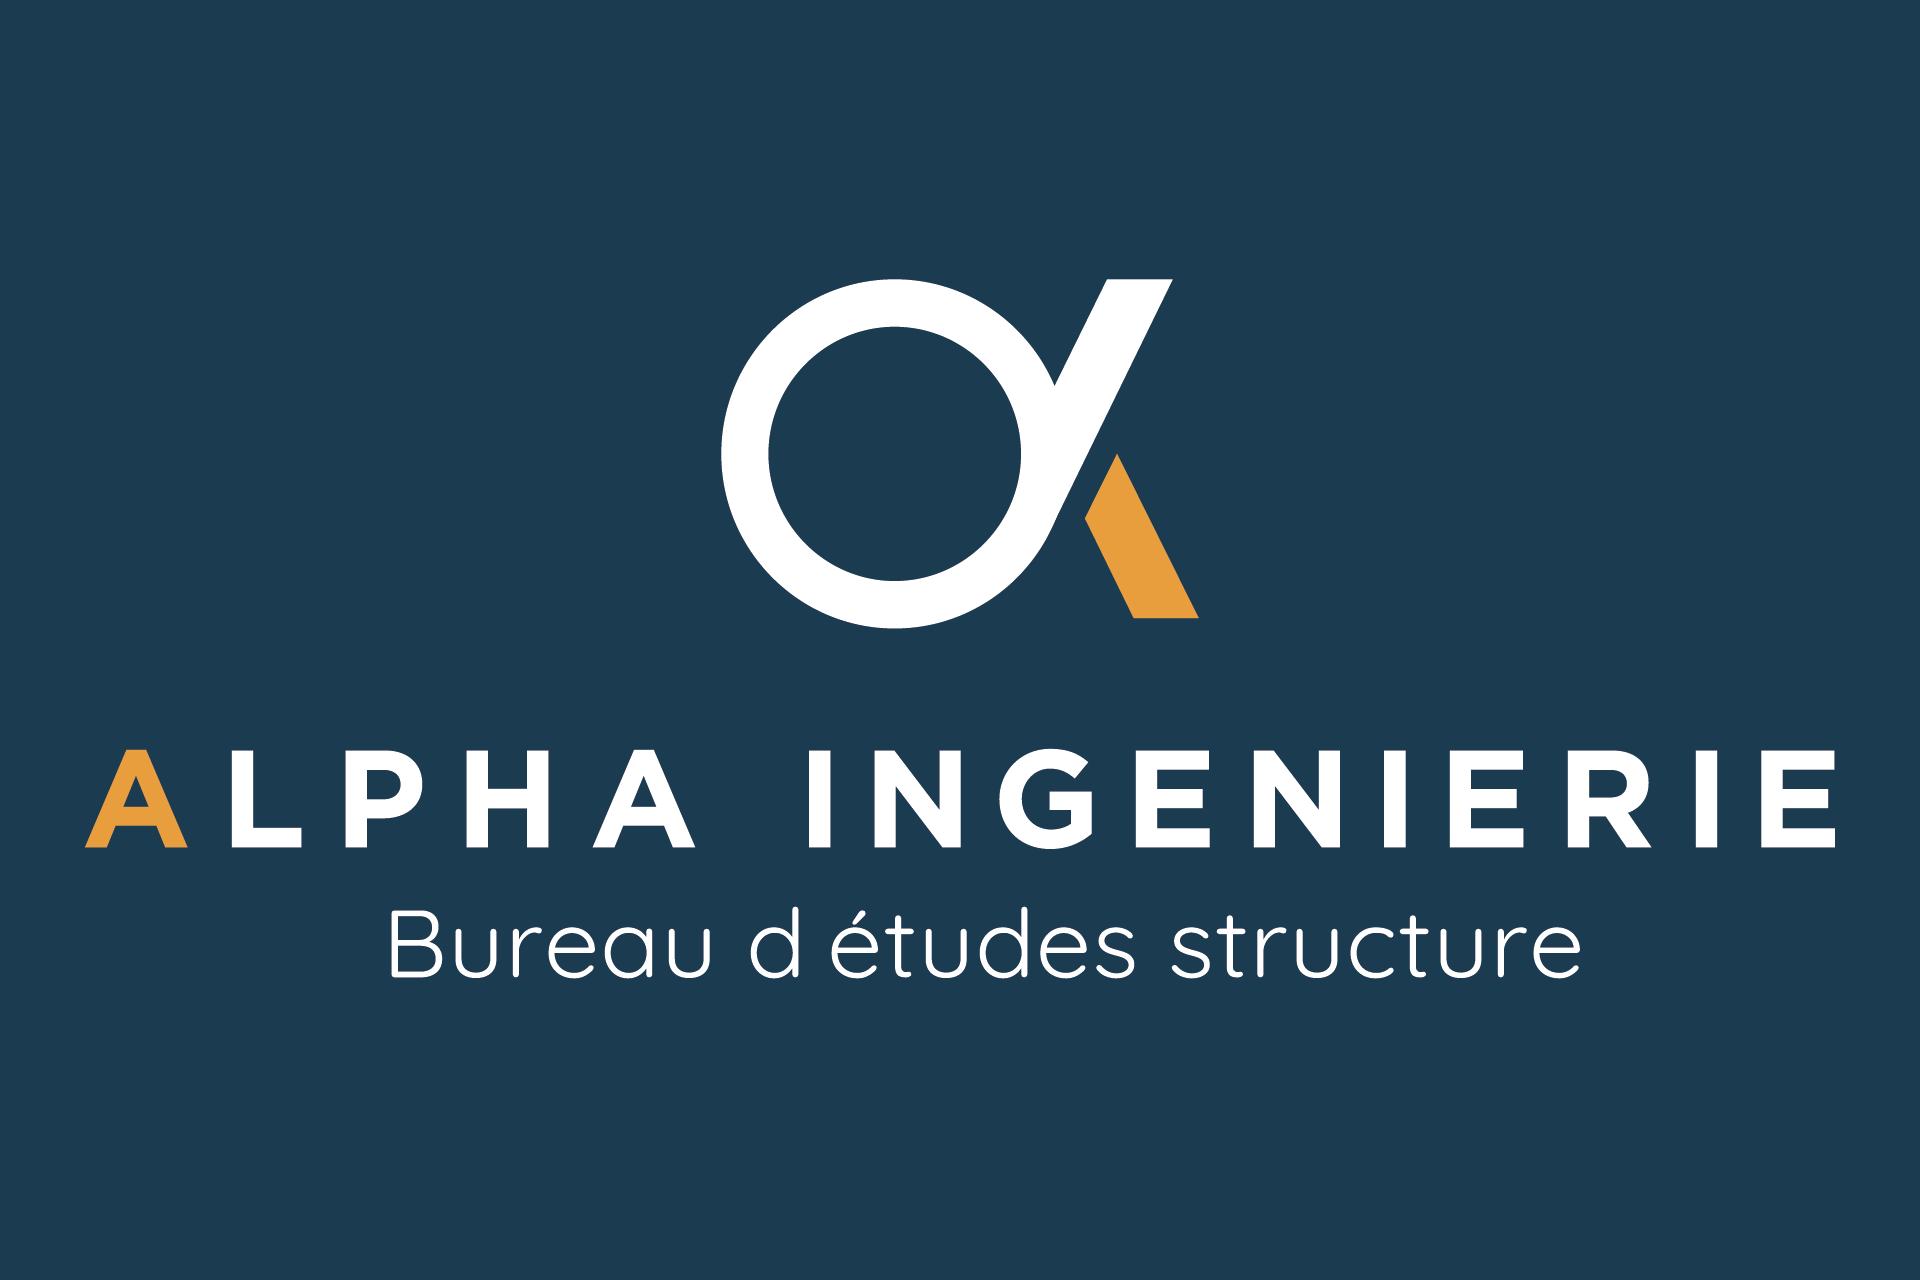 Logo-Alpha-Ingenierie-PNG-FOND-BLEU